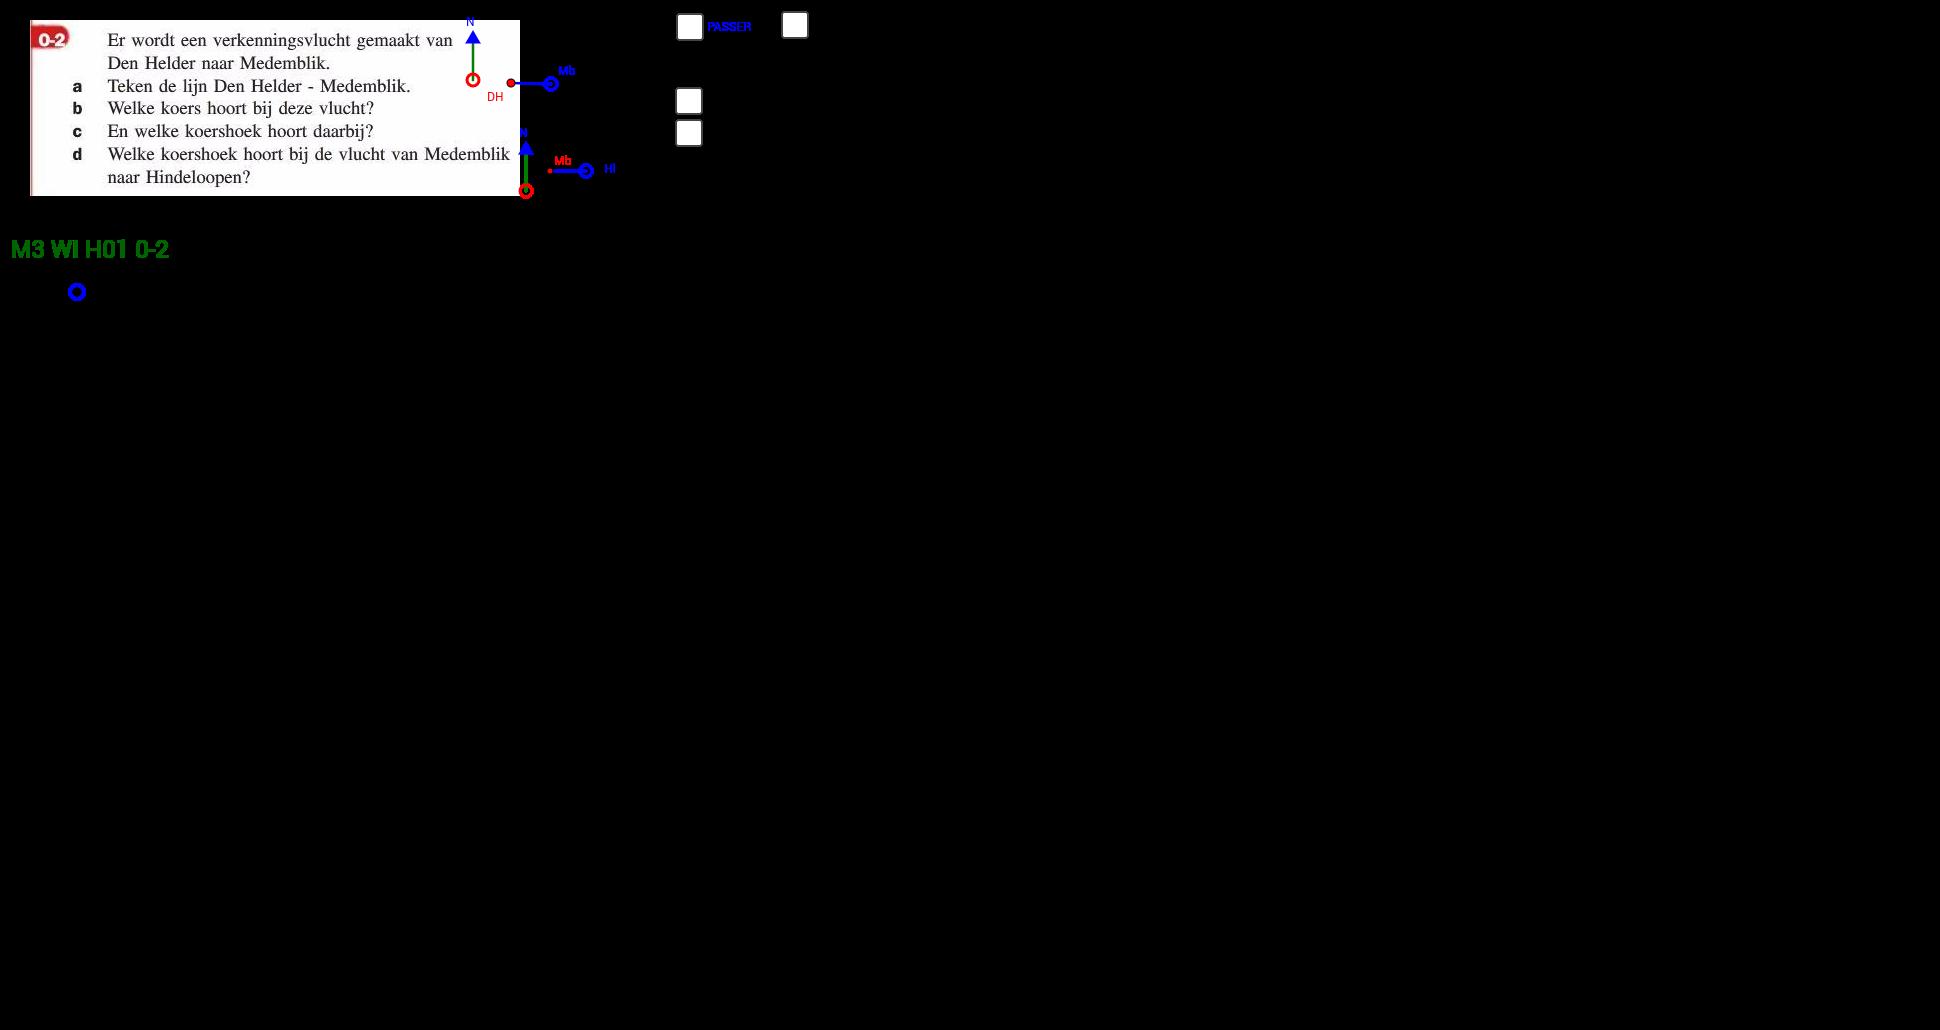 M3 WI H01 0-2